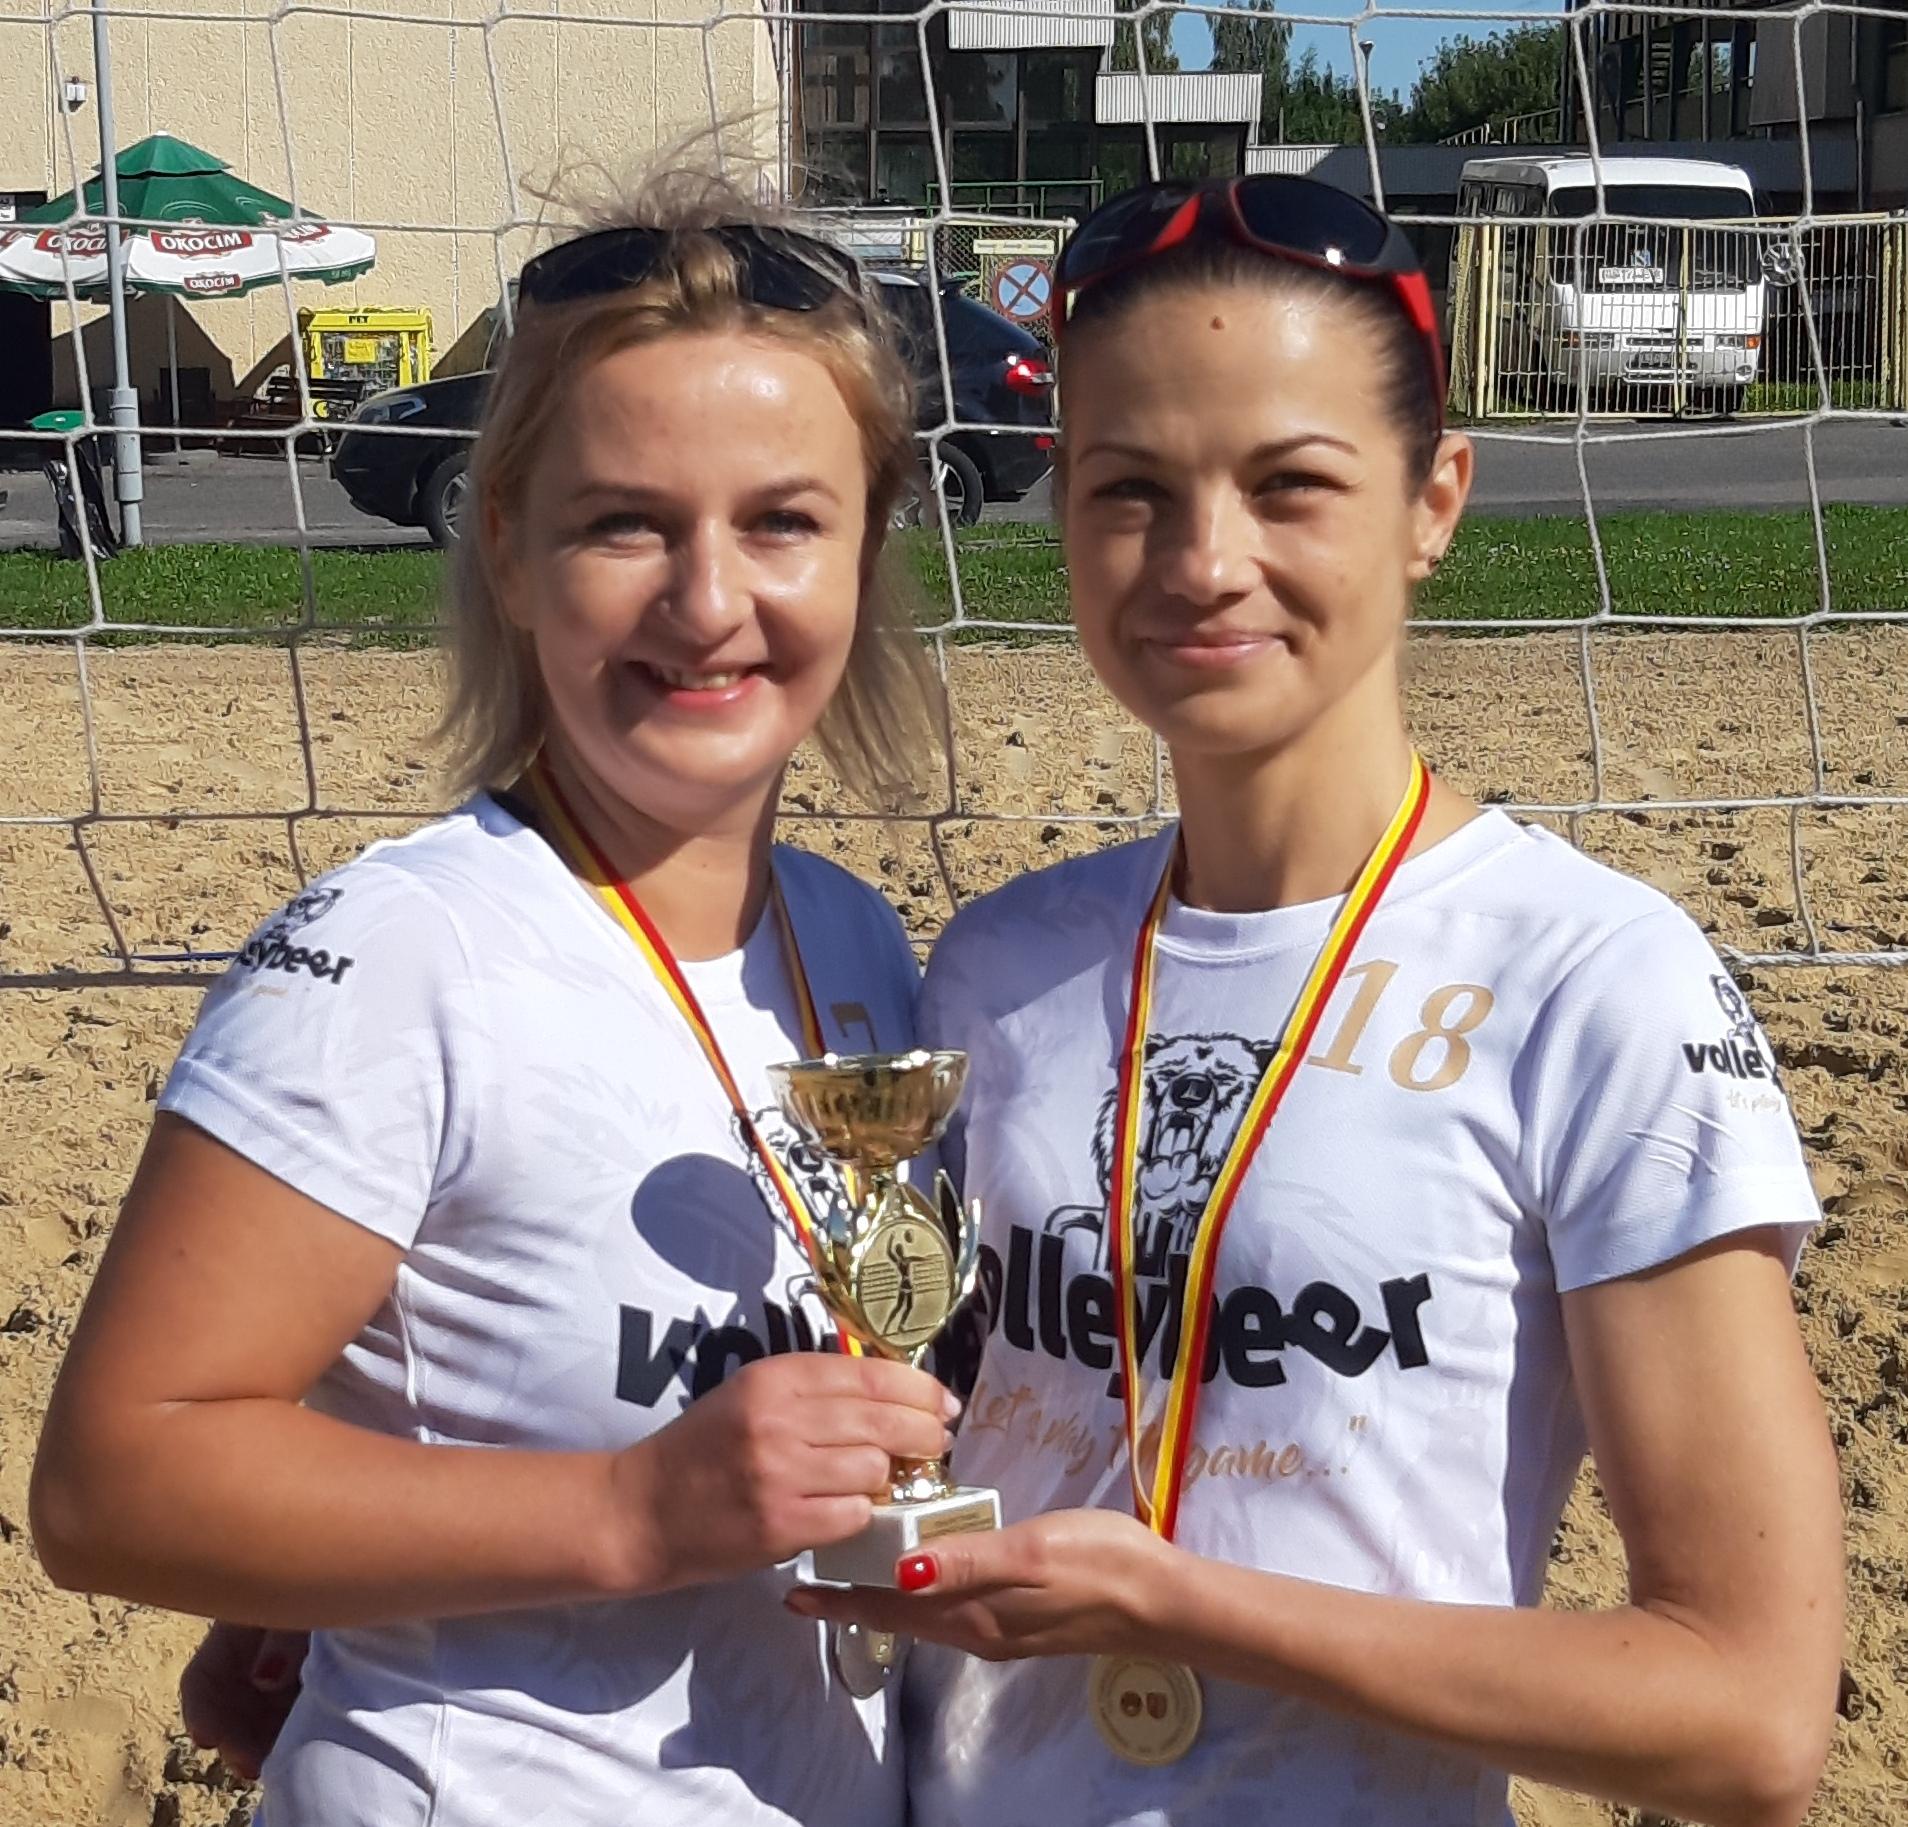 20210904 101953 Za nami turniej finałowy siatkówki plażowej LZS kobiet [WYNIKI, ZDJĘCIA]